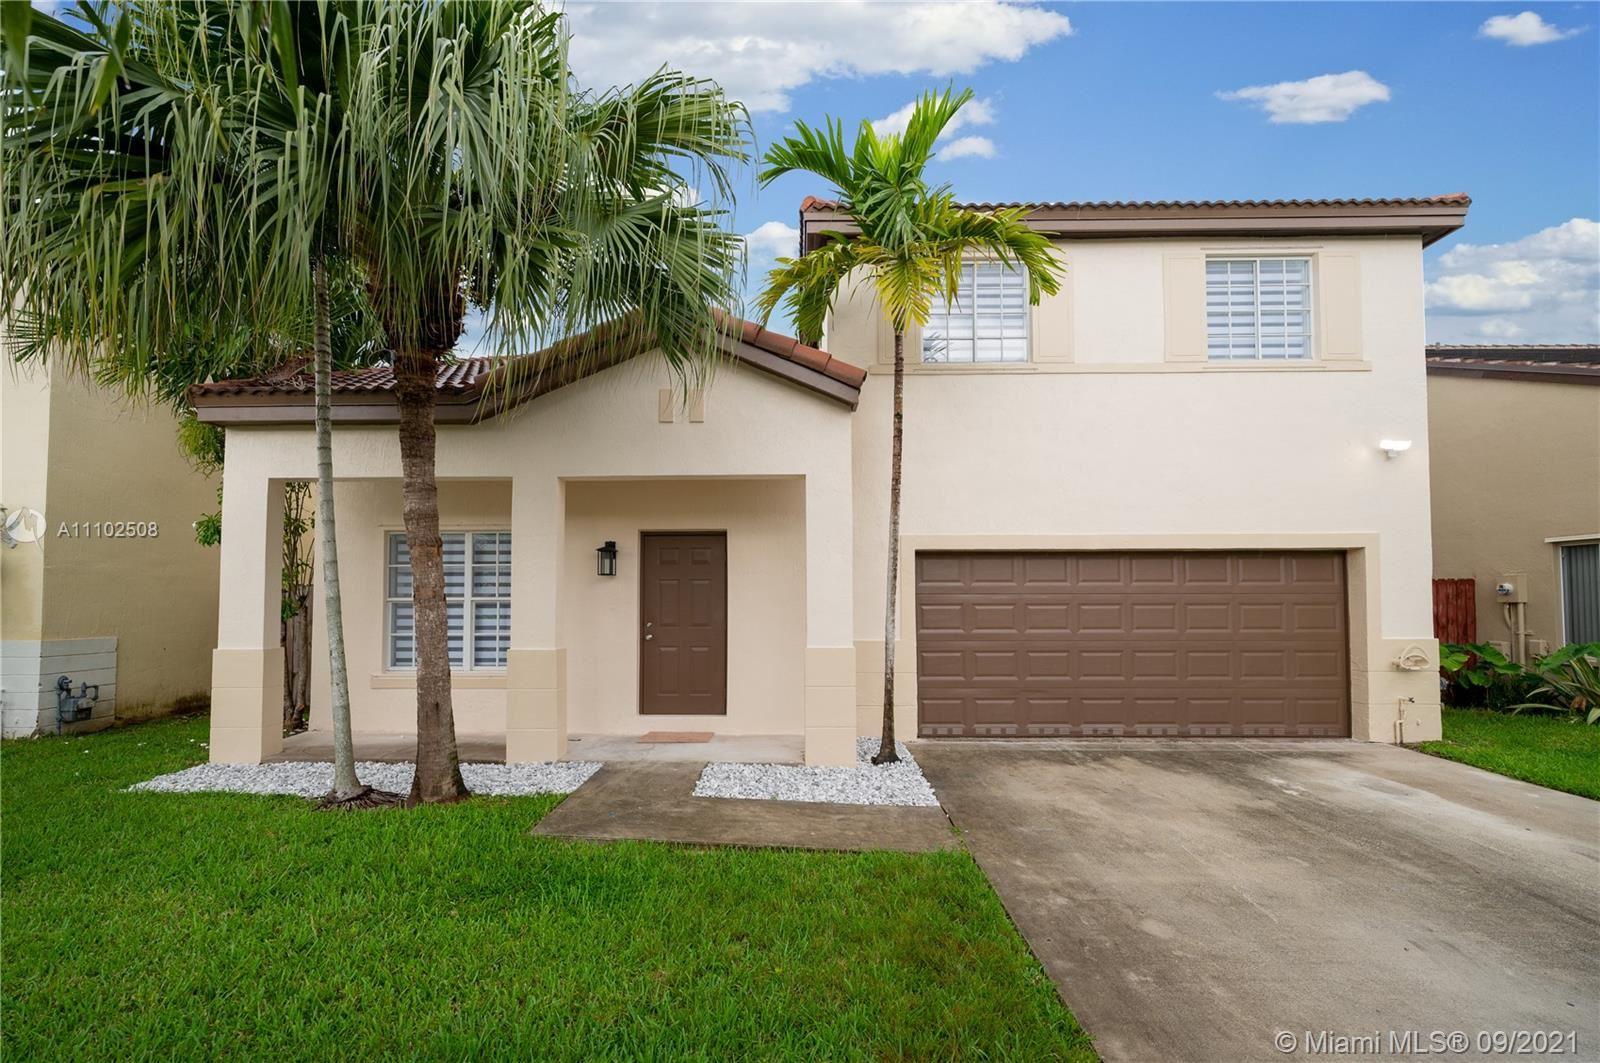 7404 SW 158th Pl, Miami, FL 33193 - #: A11102508